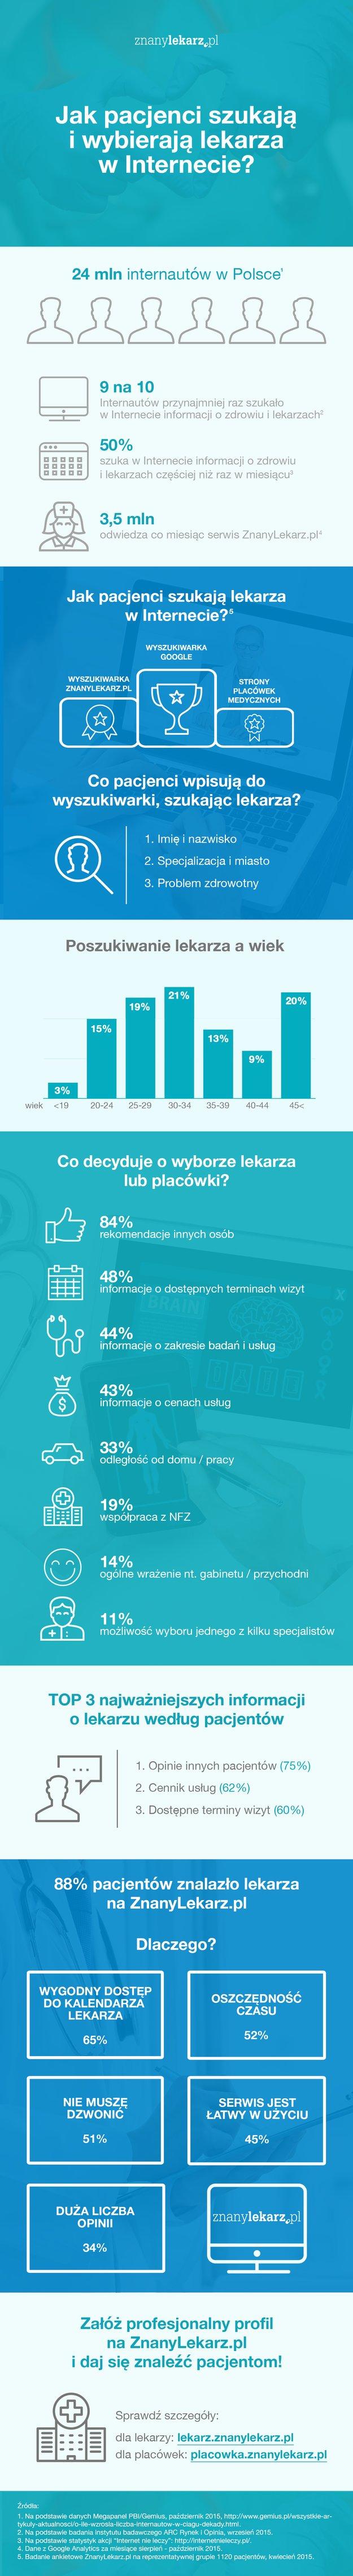 INFOGR_update_2016_szukanielekarza_X2.png